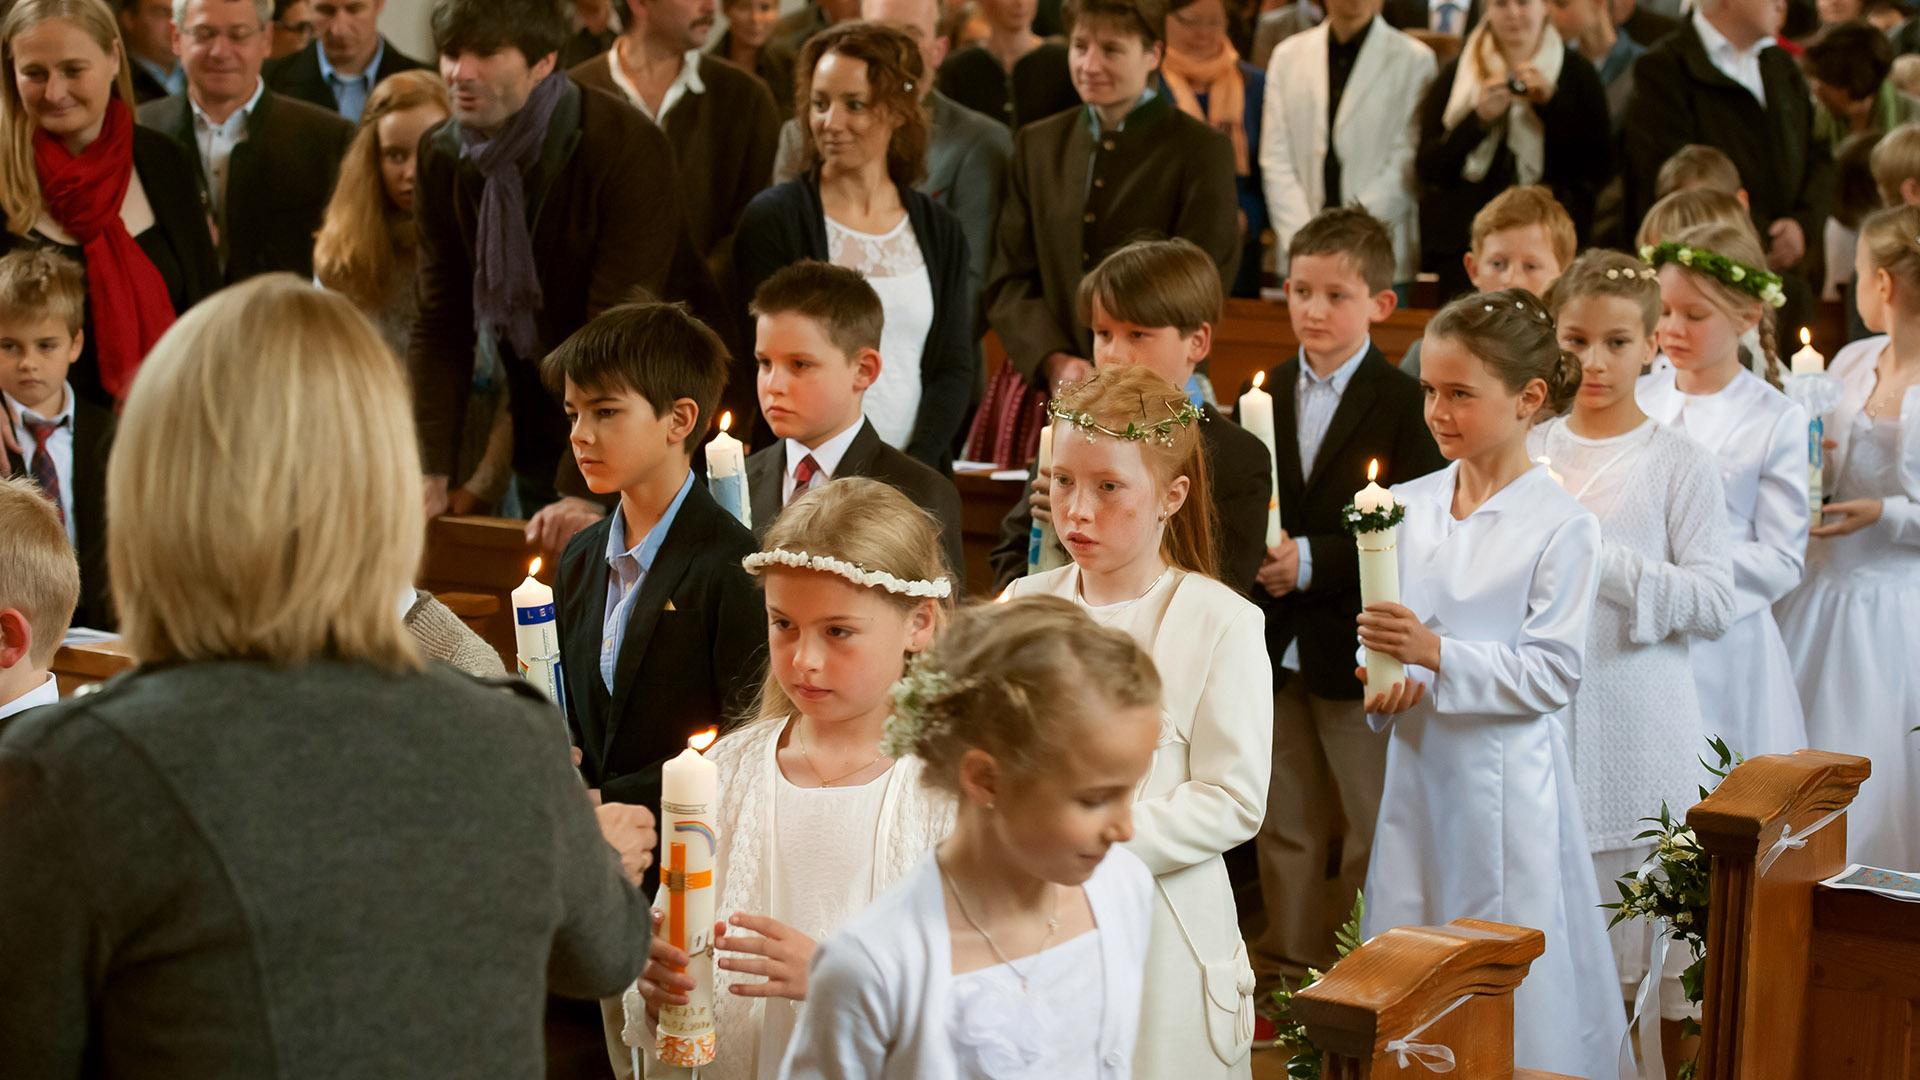 Reportage Kommunionkinder Einzug in die Kirche